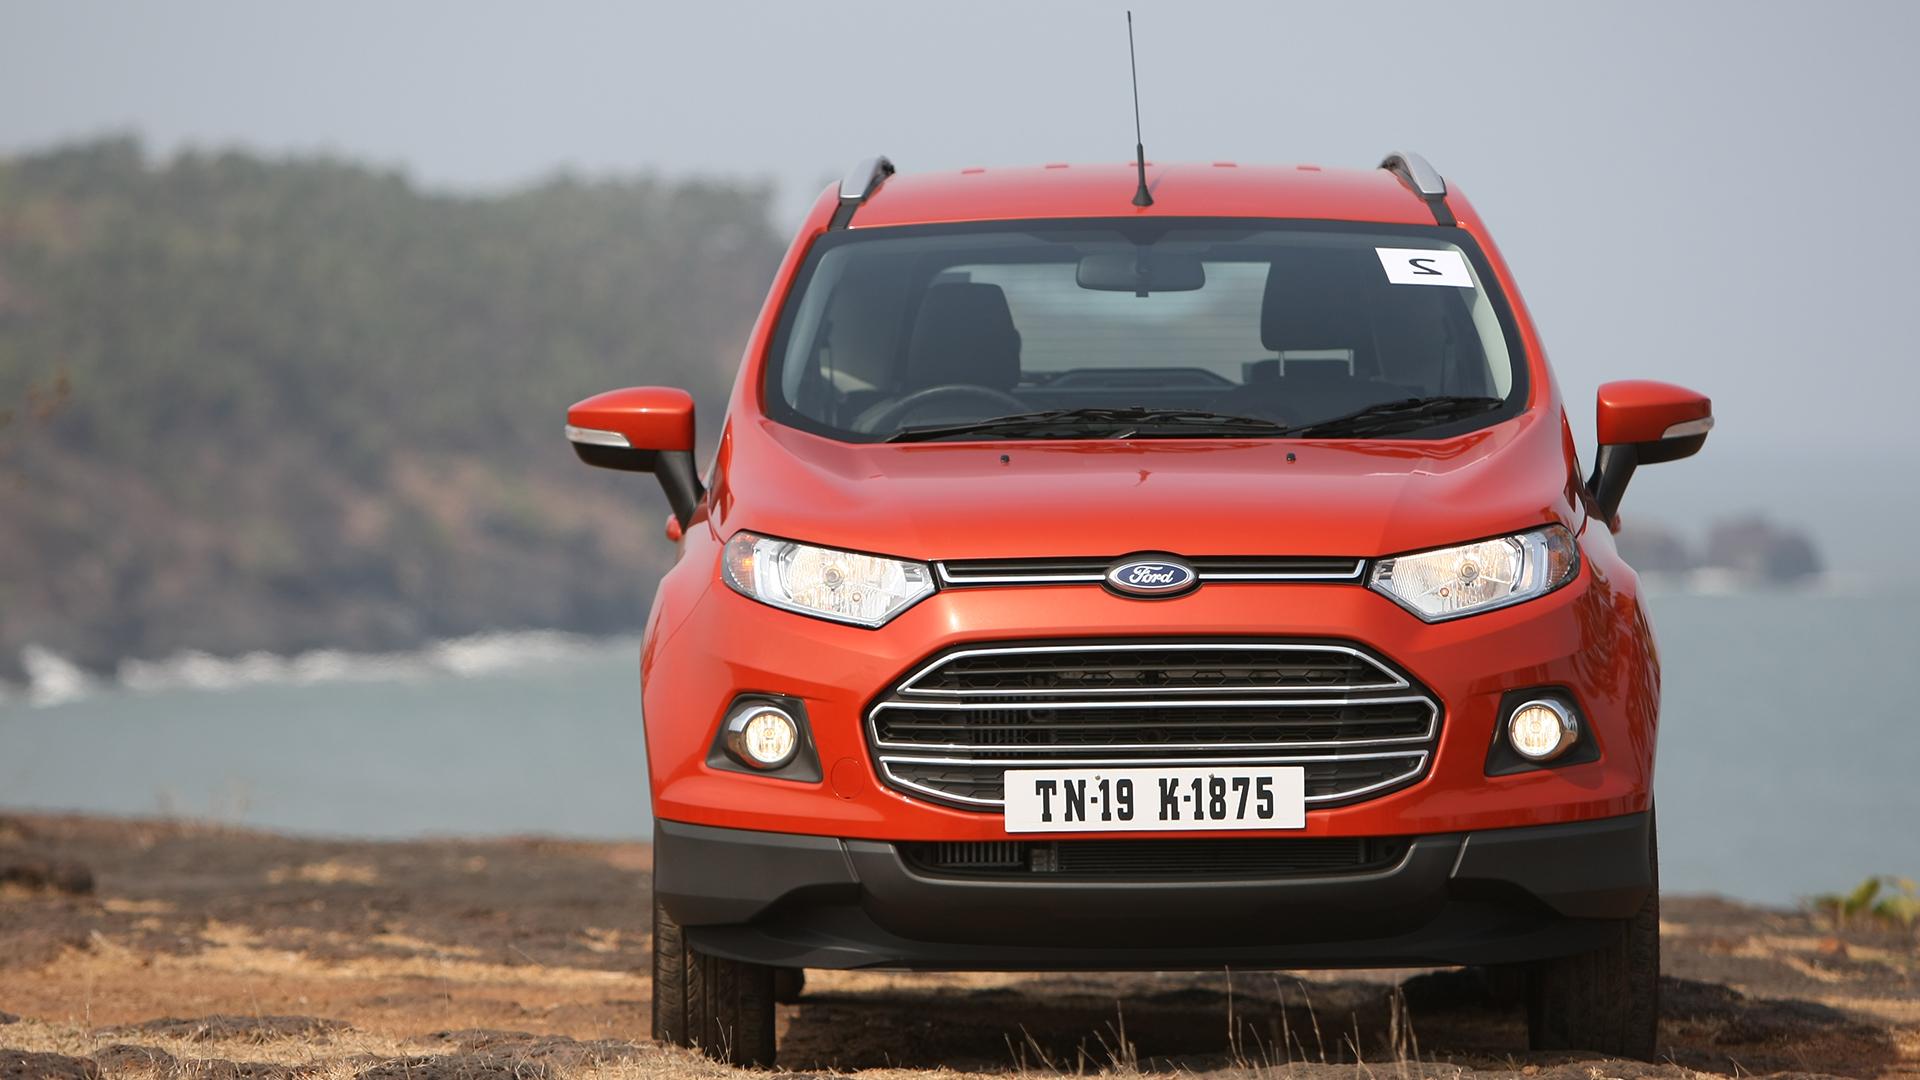 Ford EcoSport 2013 1.5 Diesel Trend